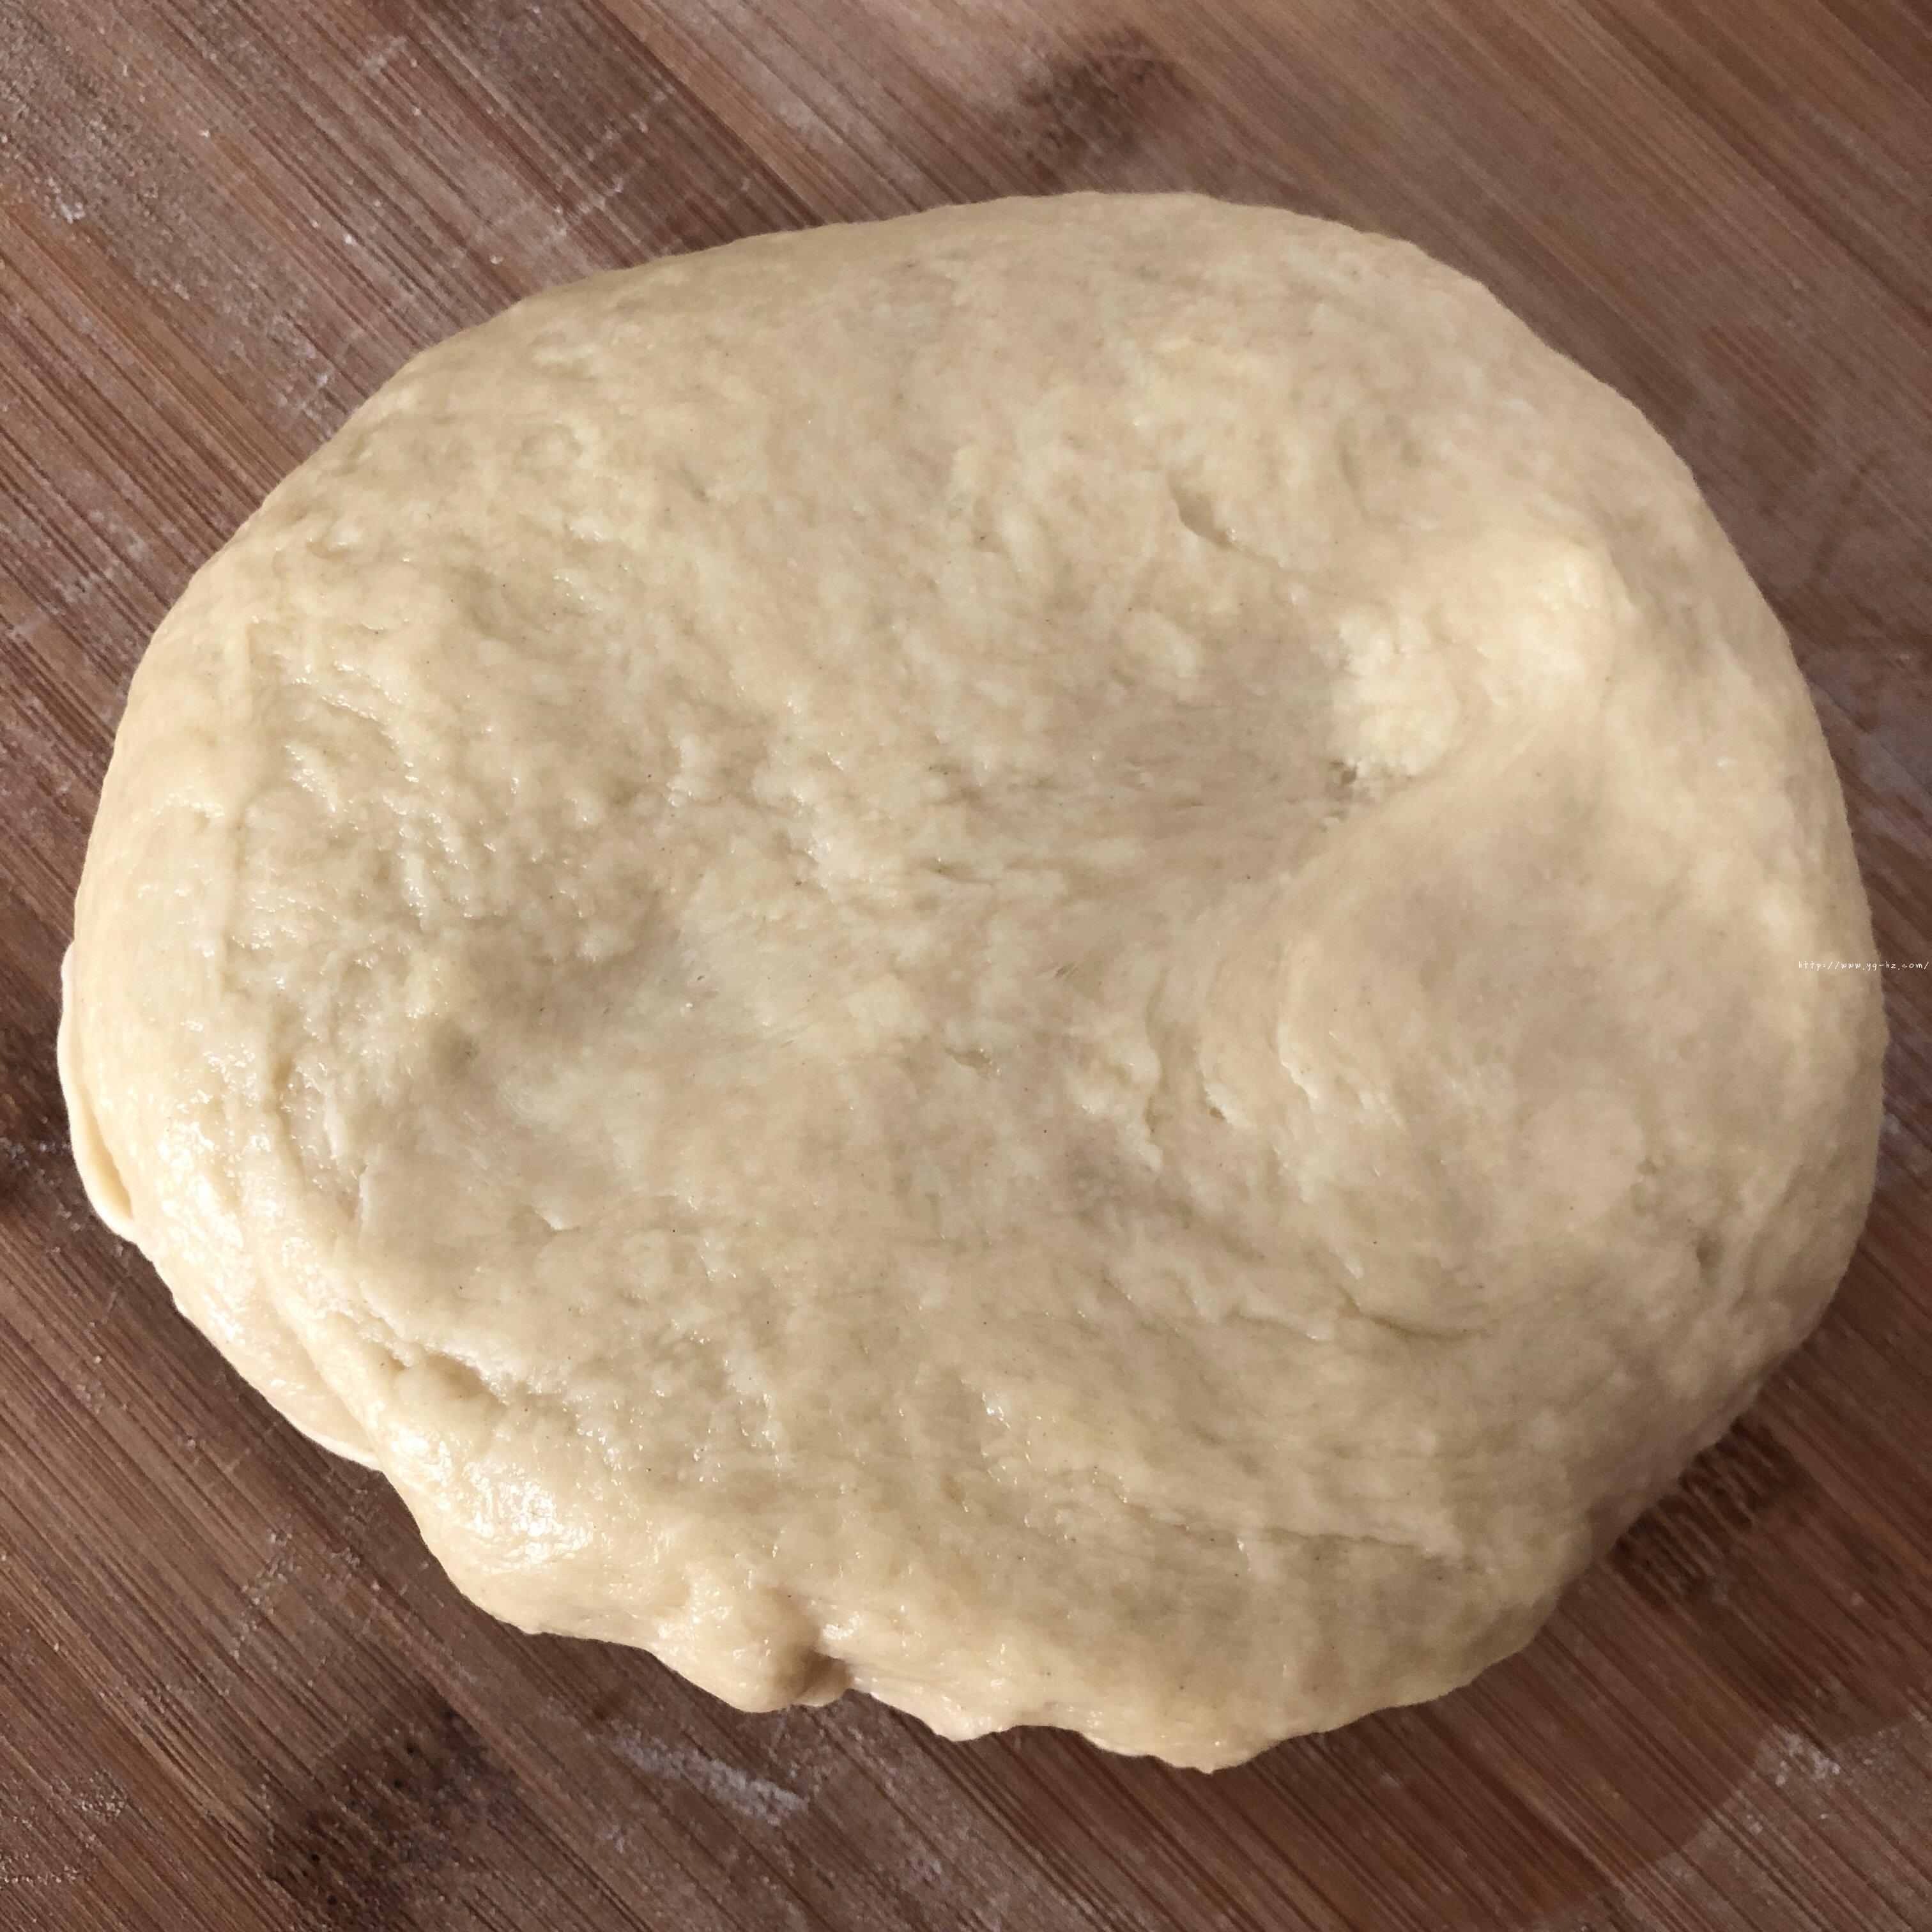 香甜软绵的卡士达夹心面包(后酵母法)的做法 步骤4